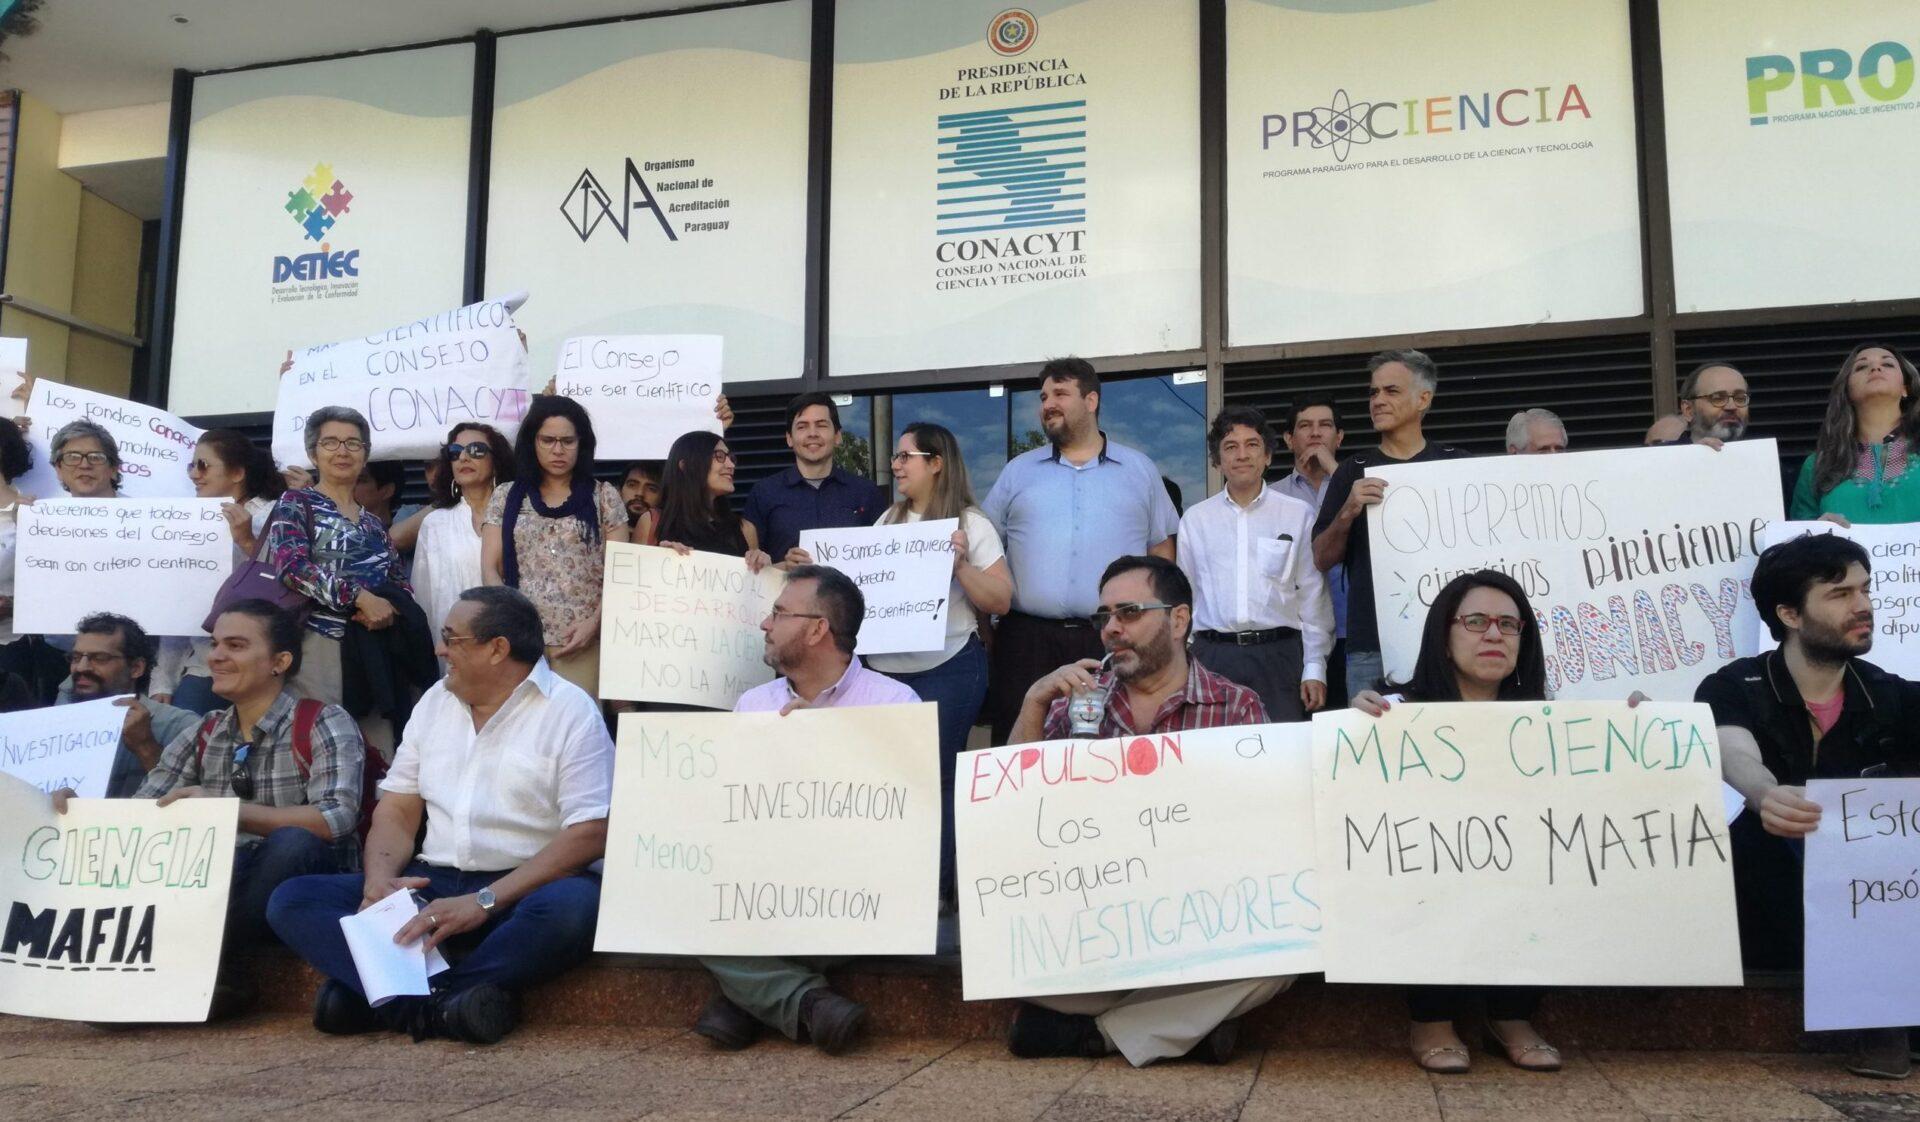 manifestación por la ciencia en paraguay